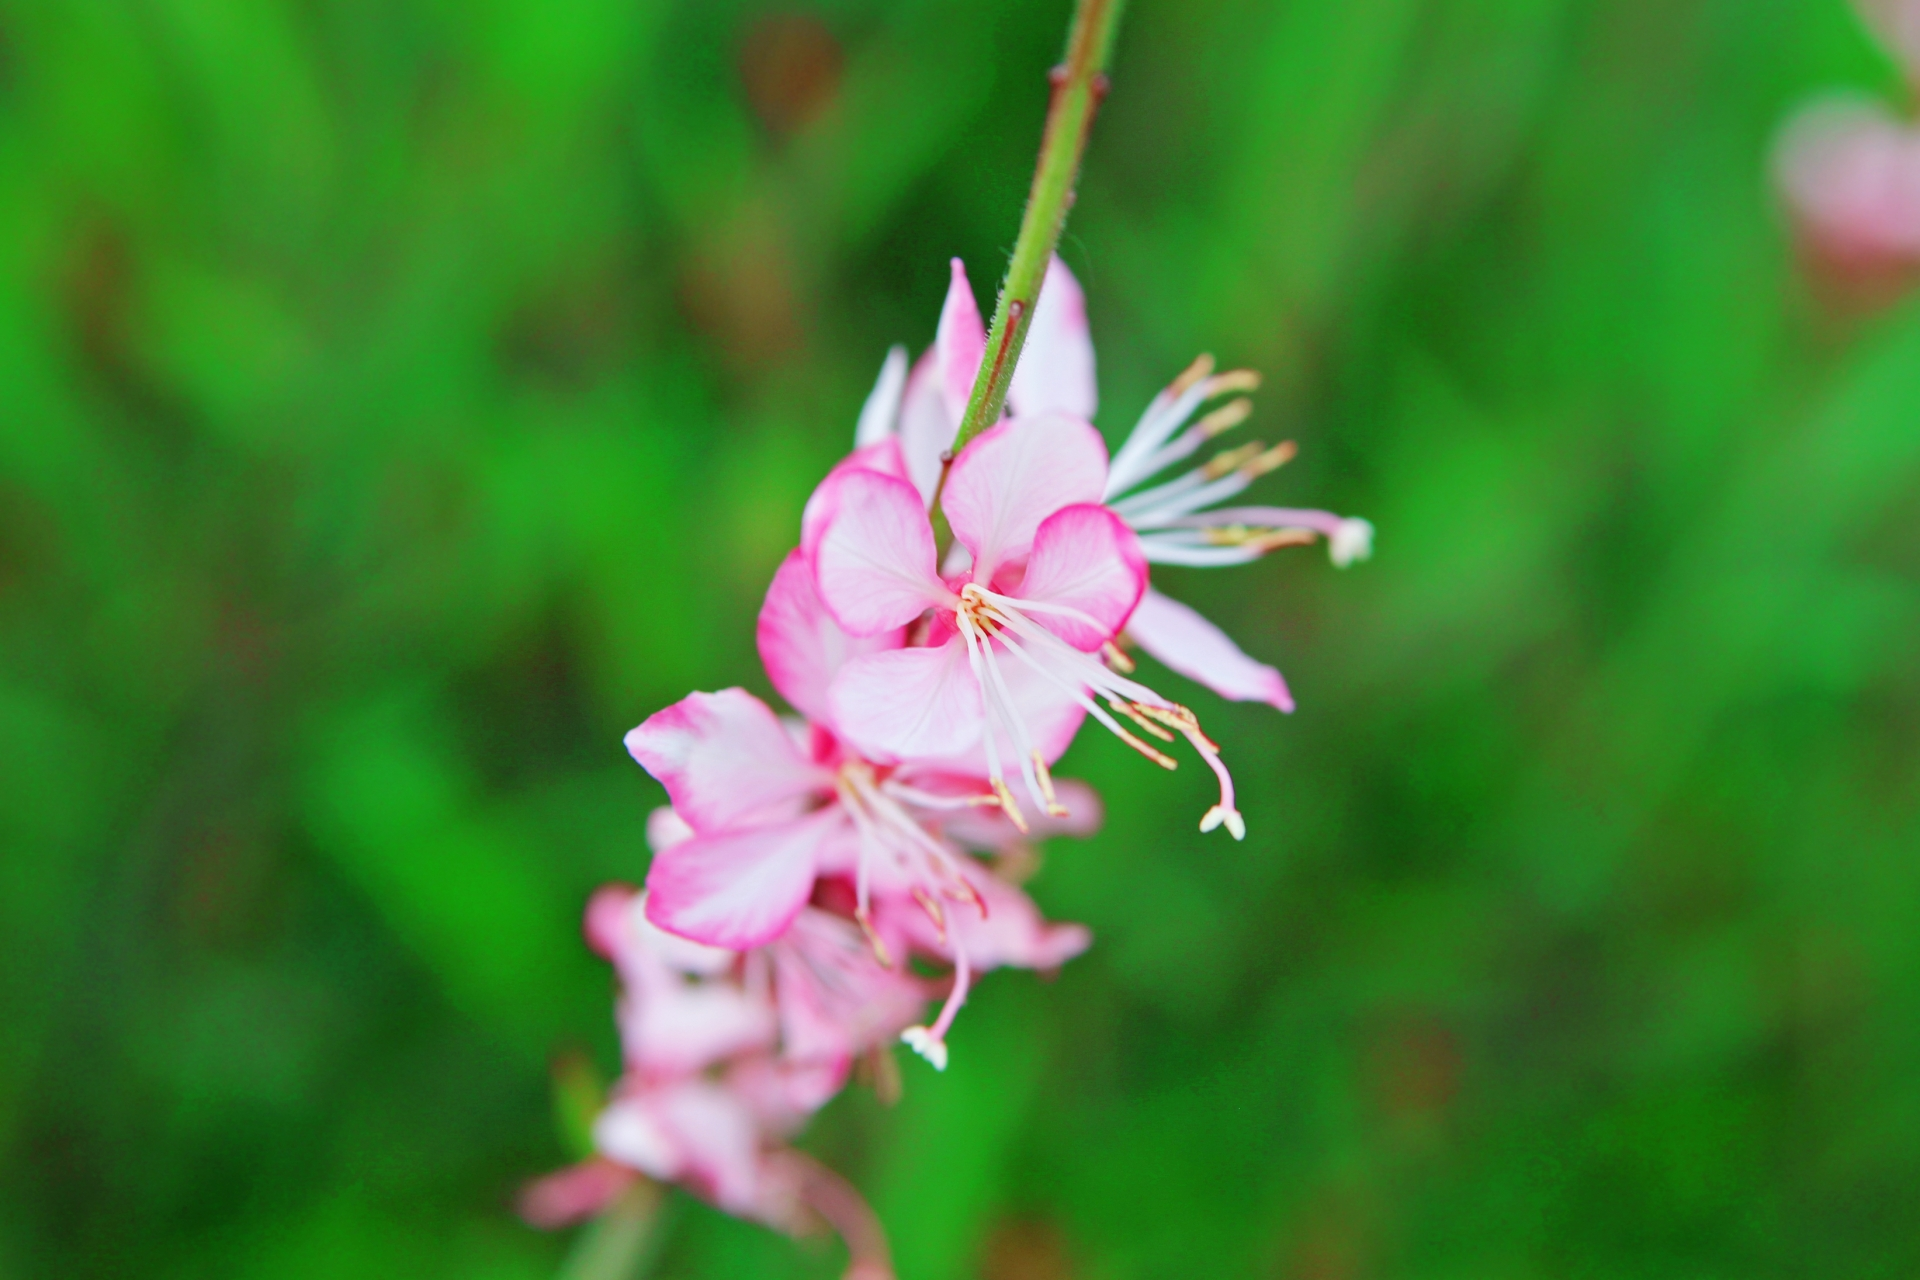 白いお花の縁がピンクのガウラ